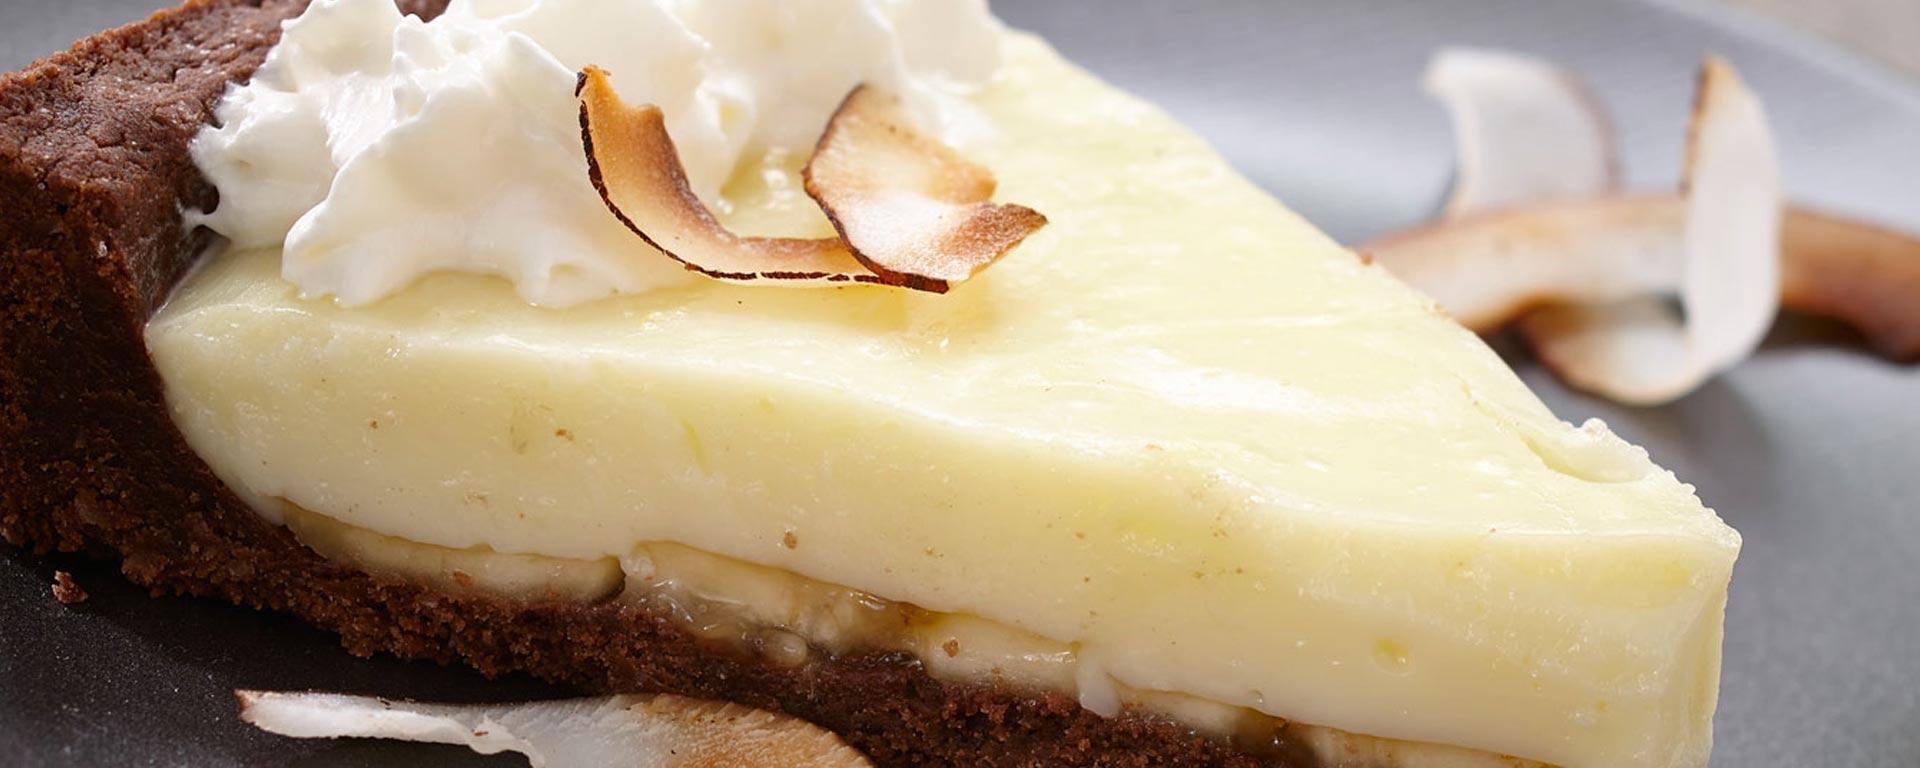 Photo for - Tarte à la crème suprême au chocolat, à la noix de coco et aux bananes